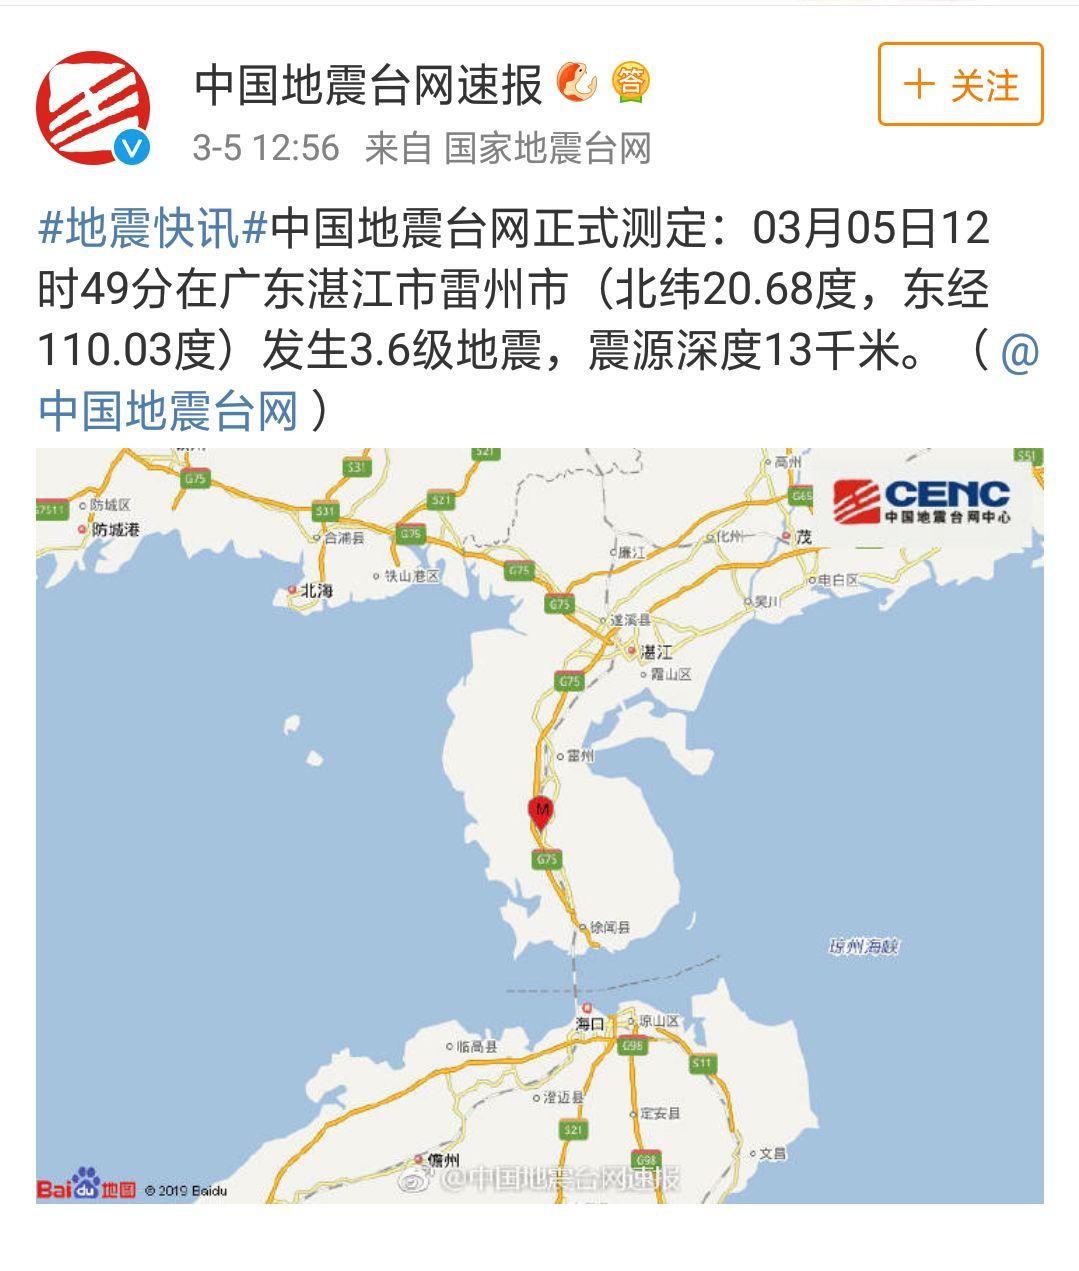 突发!刚刚广东地震了! 7级妖风+雷暴雨也将持续来袭 ! 让人崩溃的一周…插图